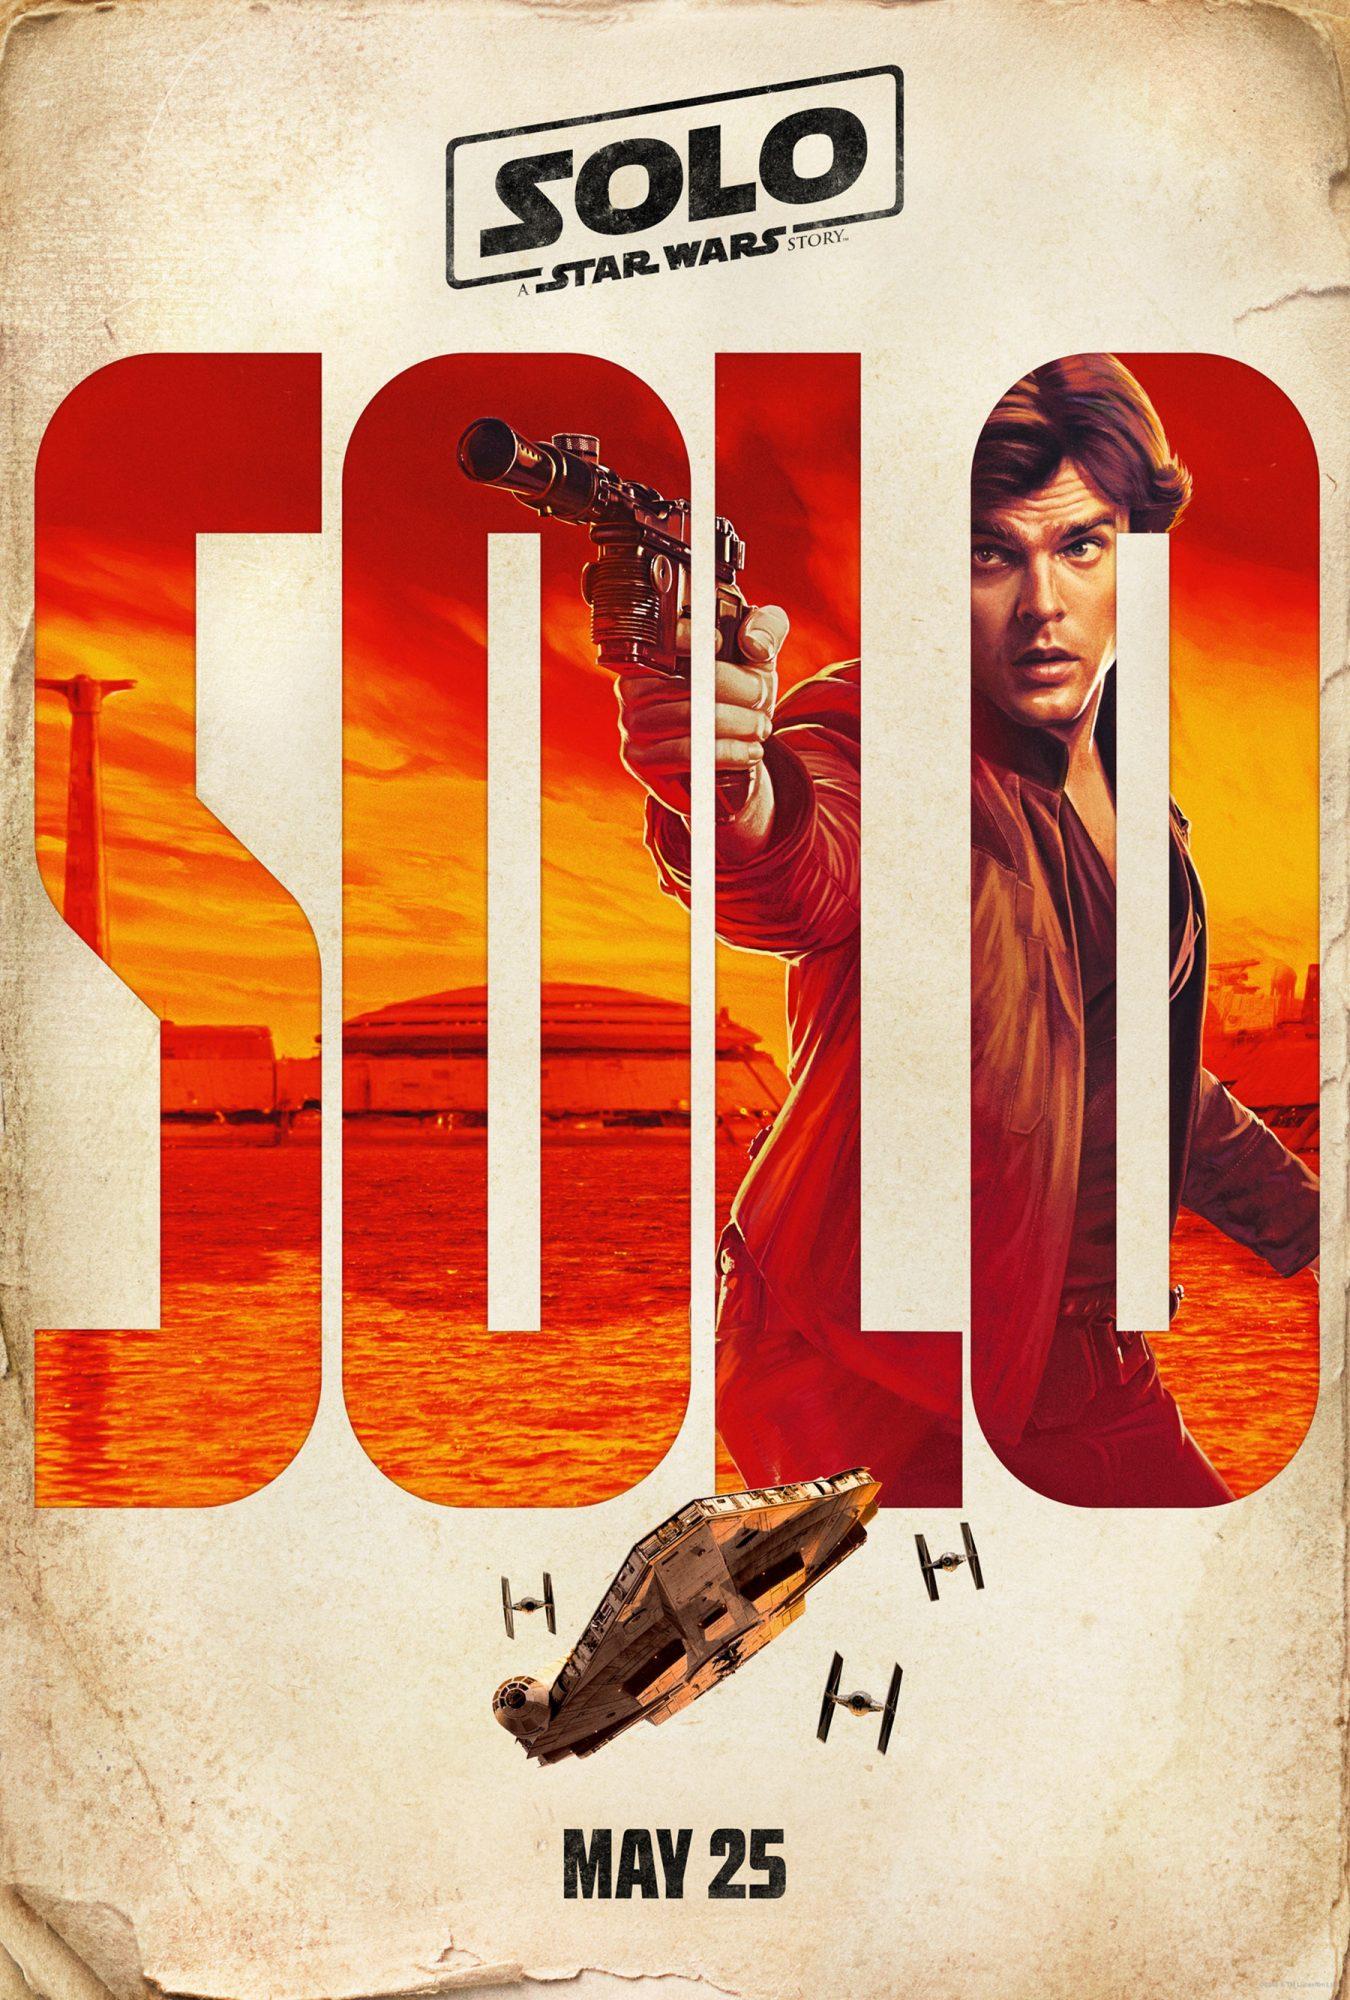 Solo_CharacterTeaser_1-Sht_Online_Solo_1-Sht_v2_lg